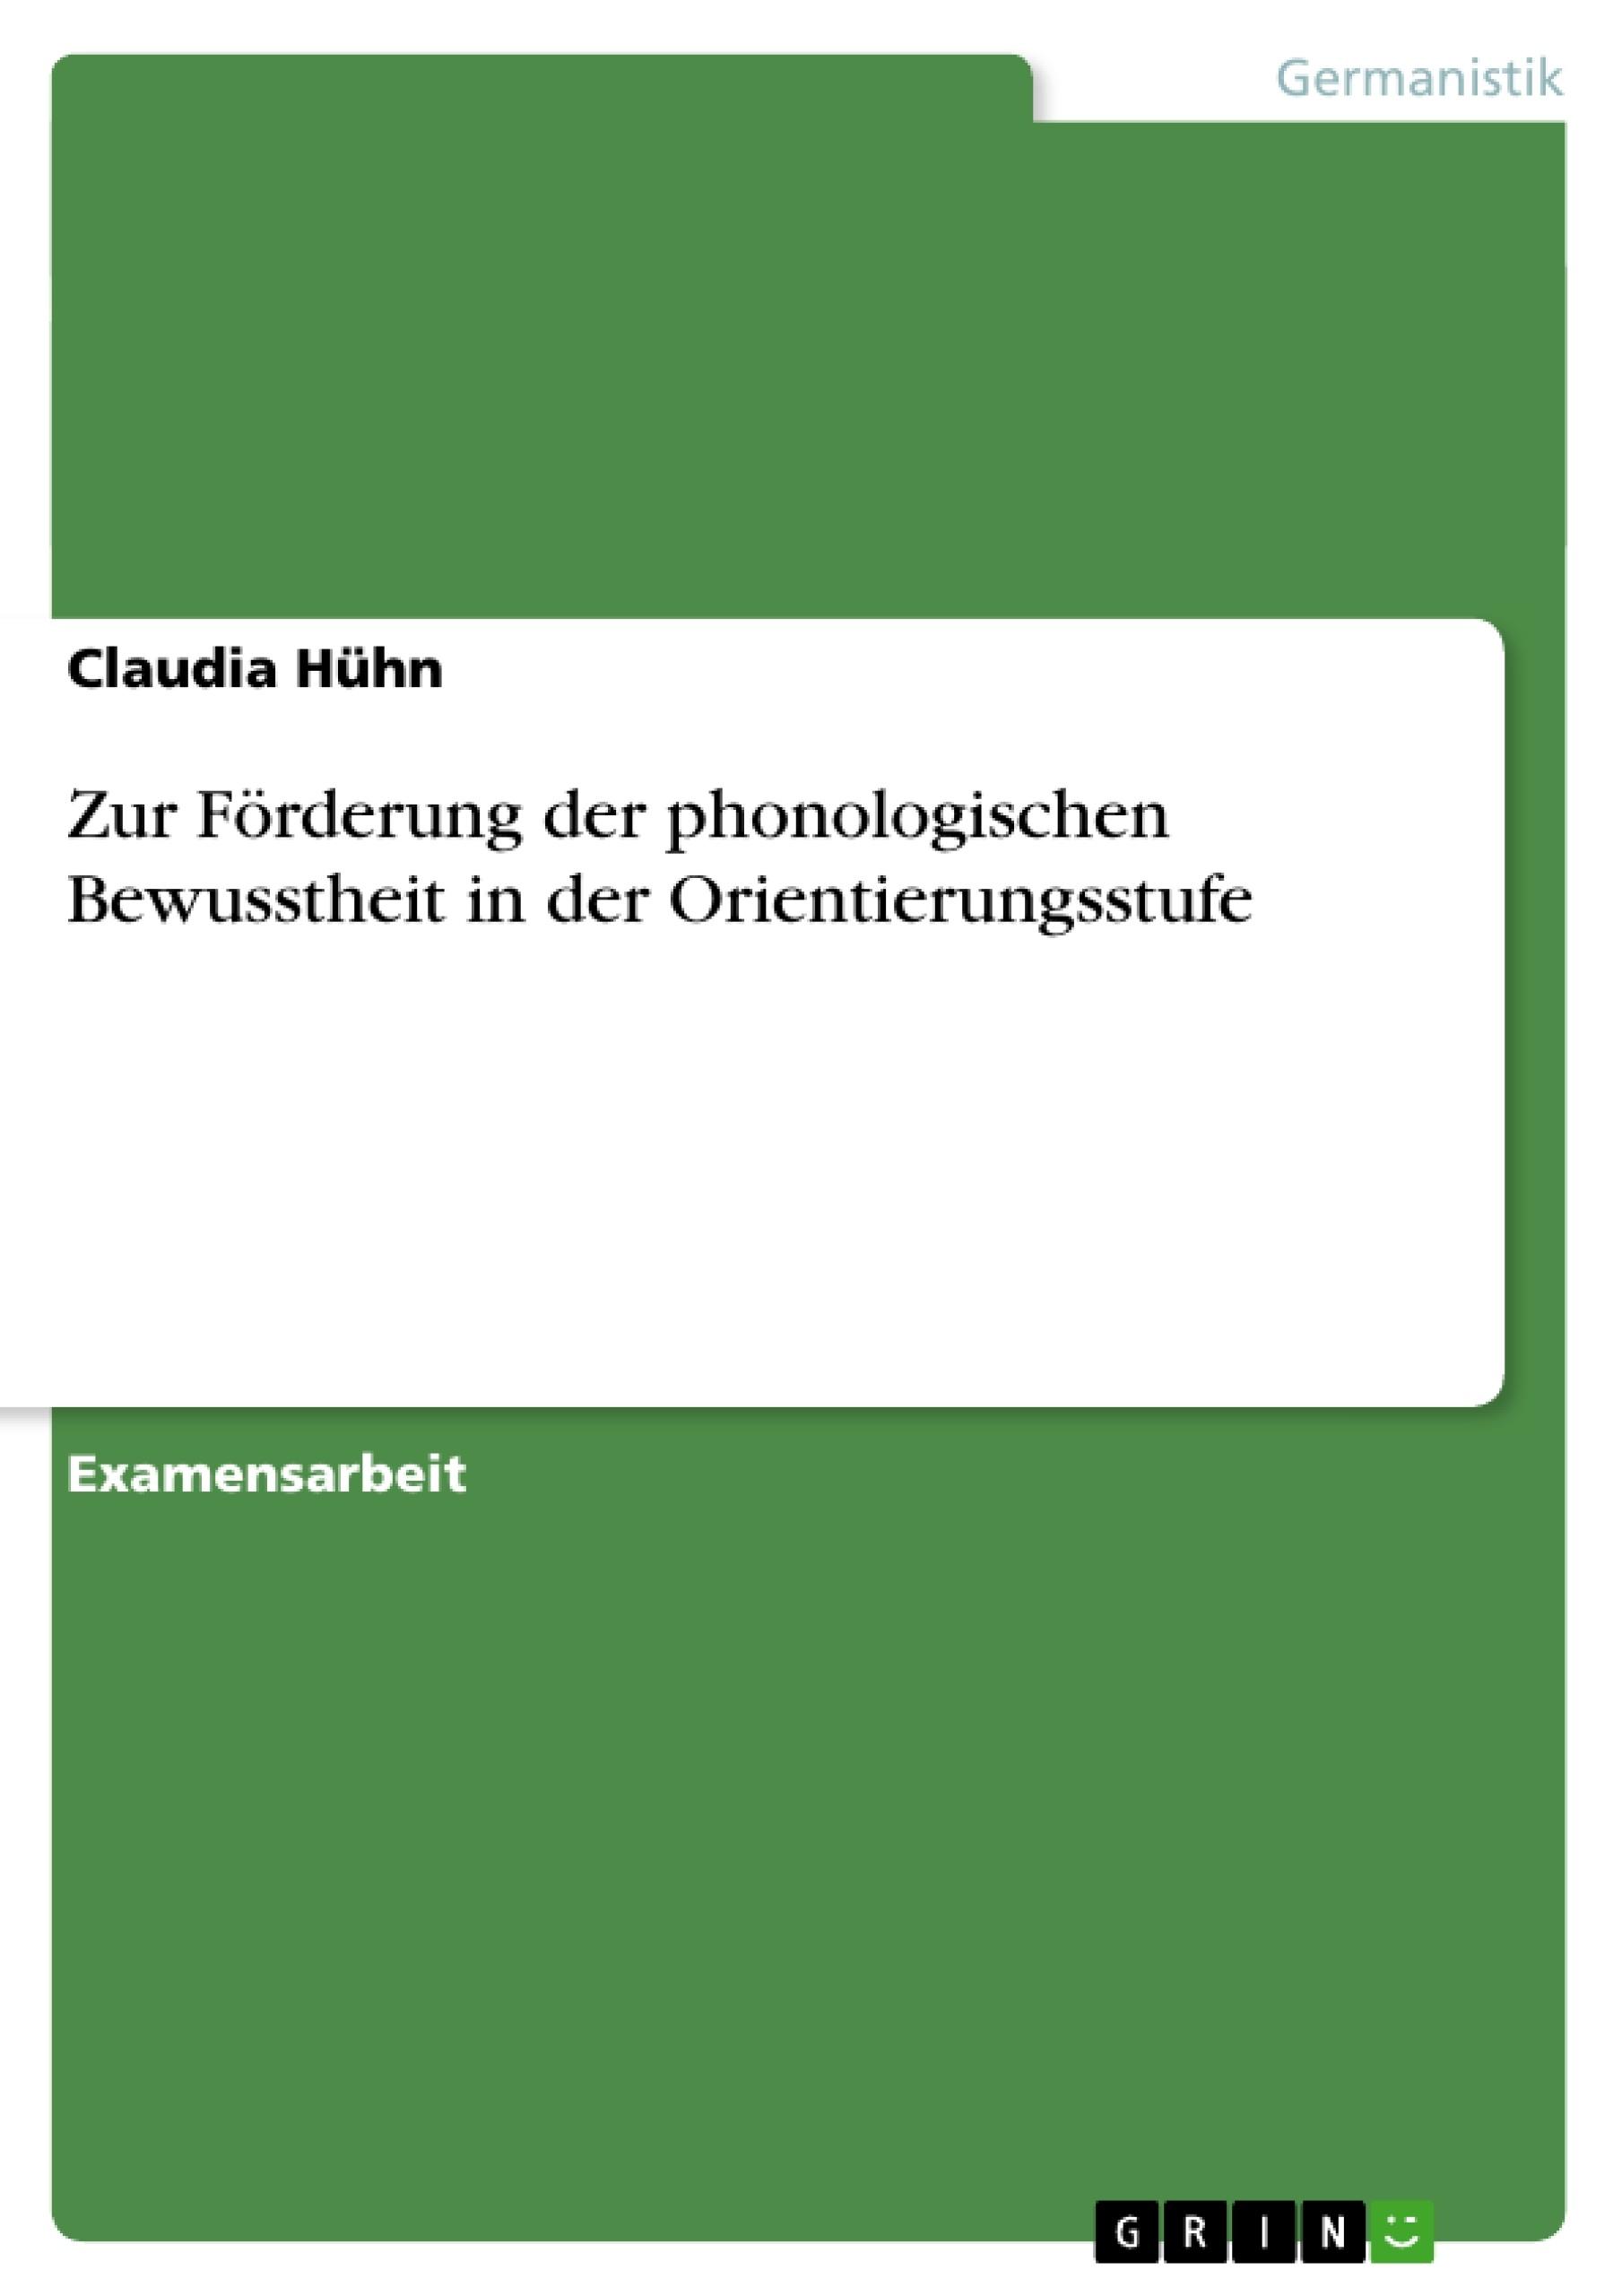 Titel: Zur Förderung der phonologischen Bewusstheit in der Orientierungsstufe